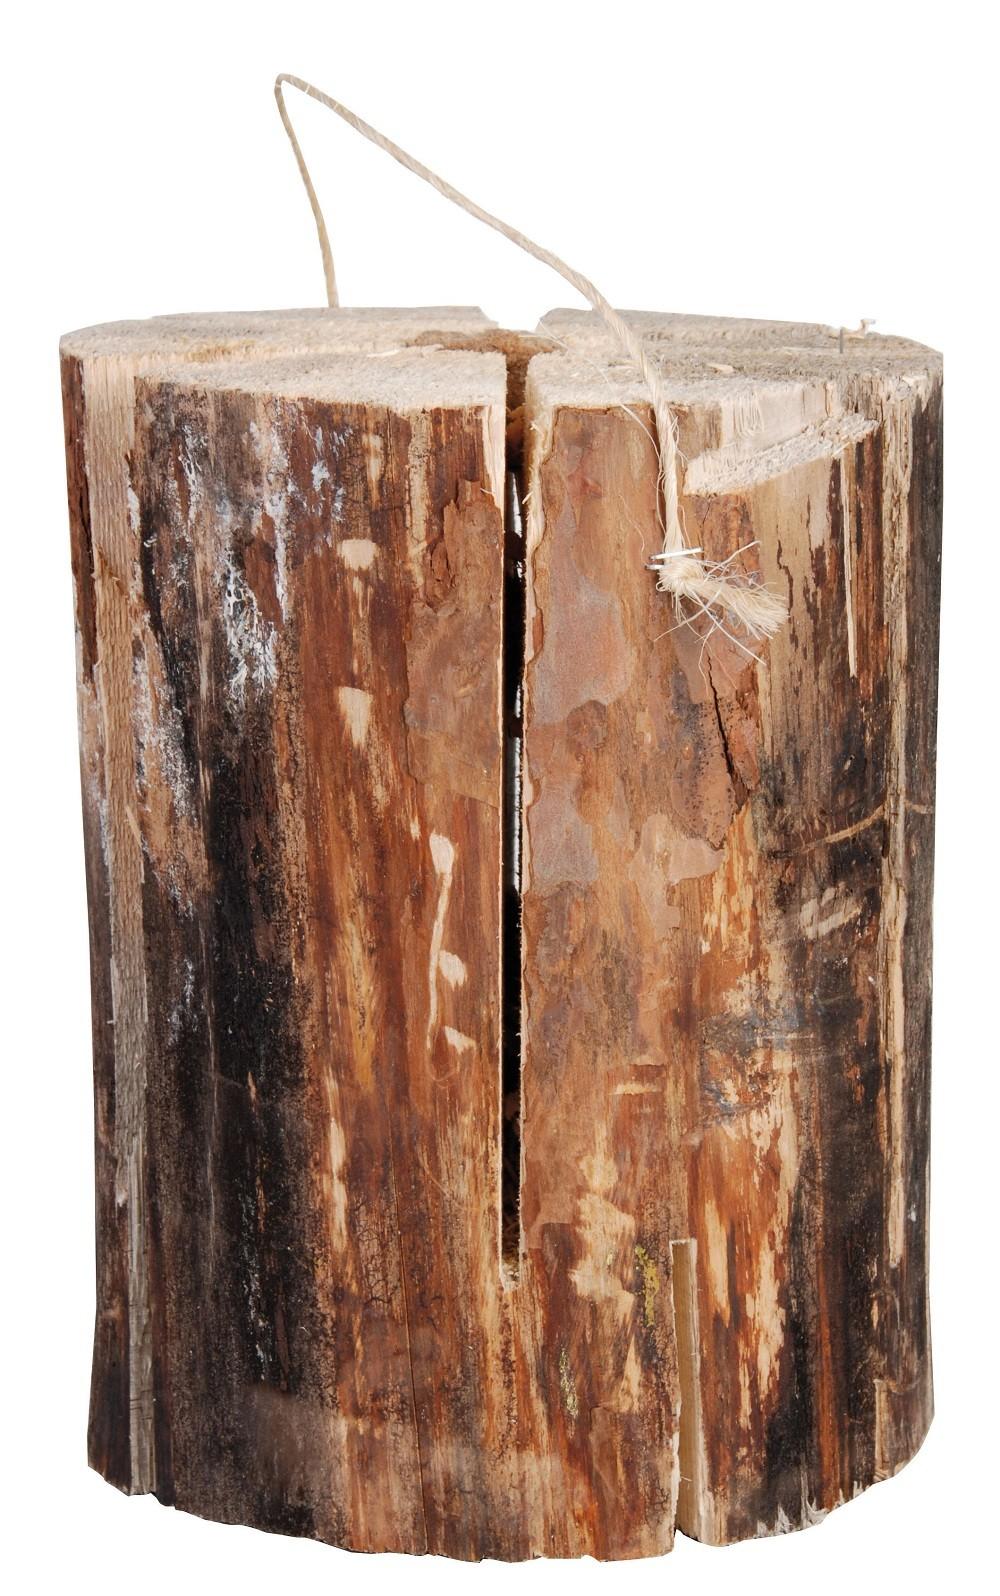 Kühlkamp Zweedse Fakkel 25 cm hoog, diameter 17 - 25 cm